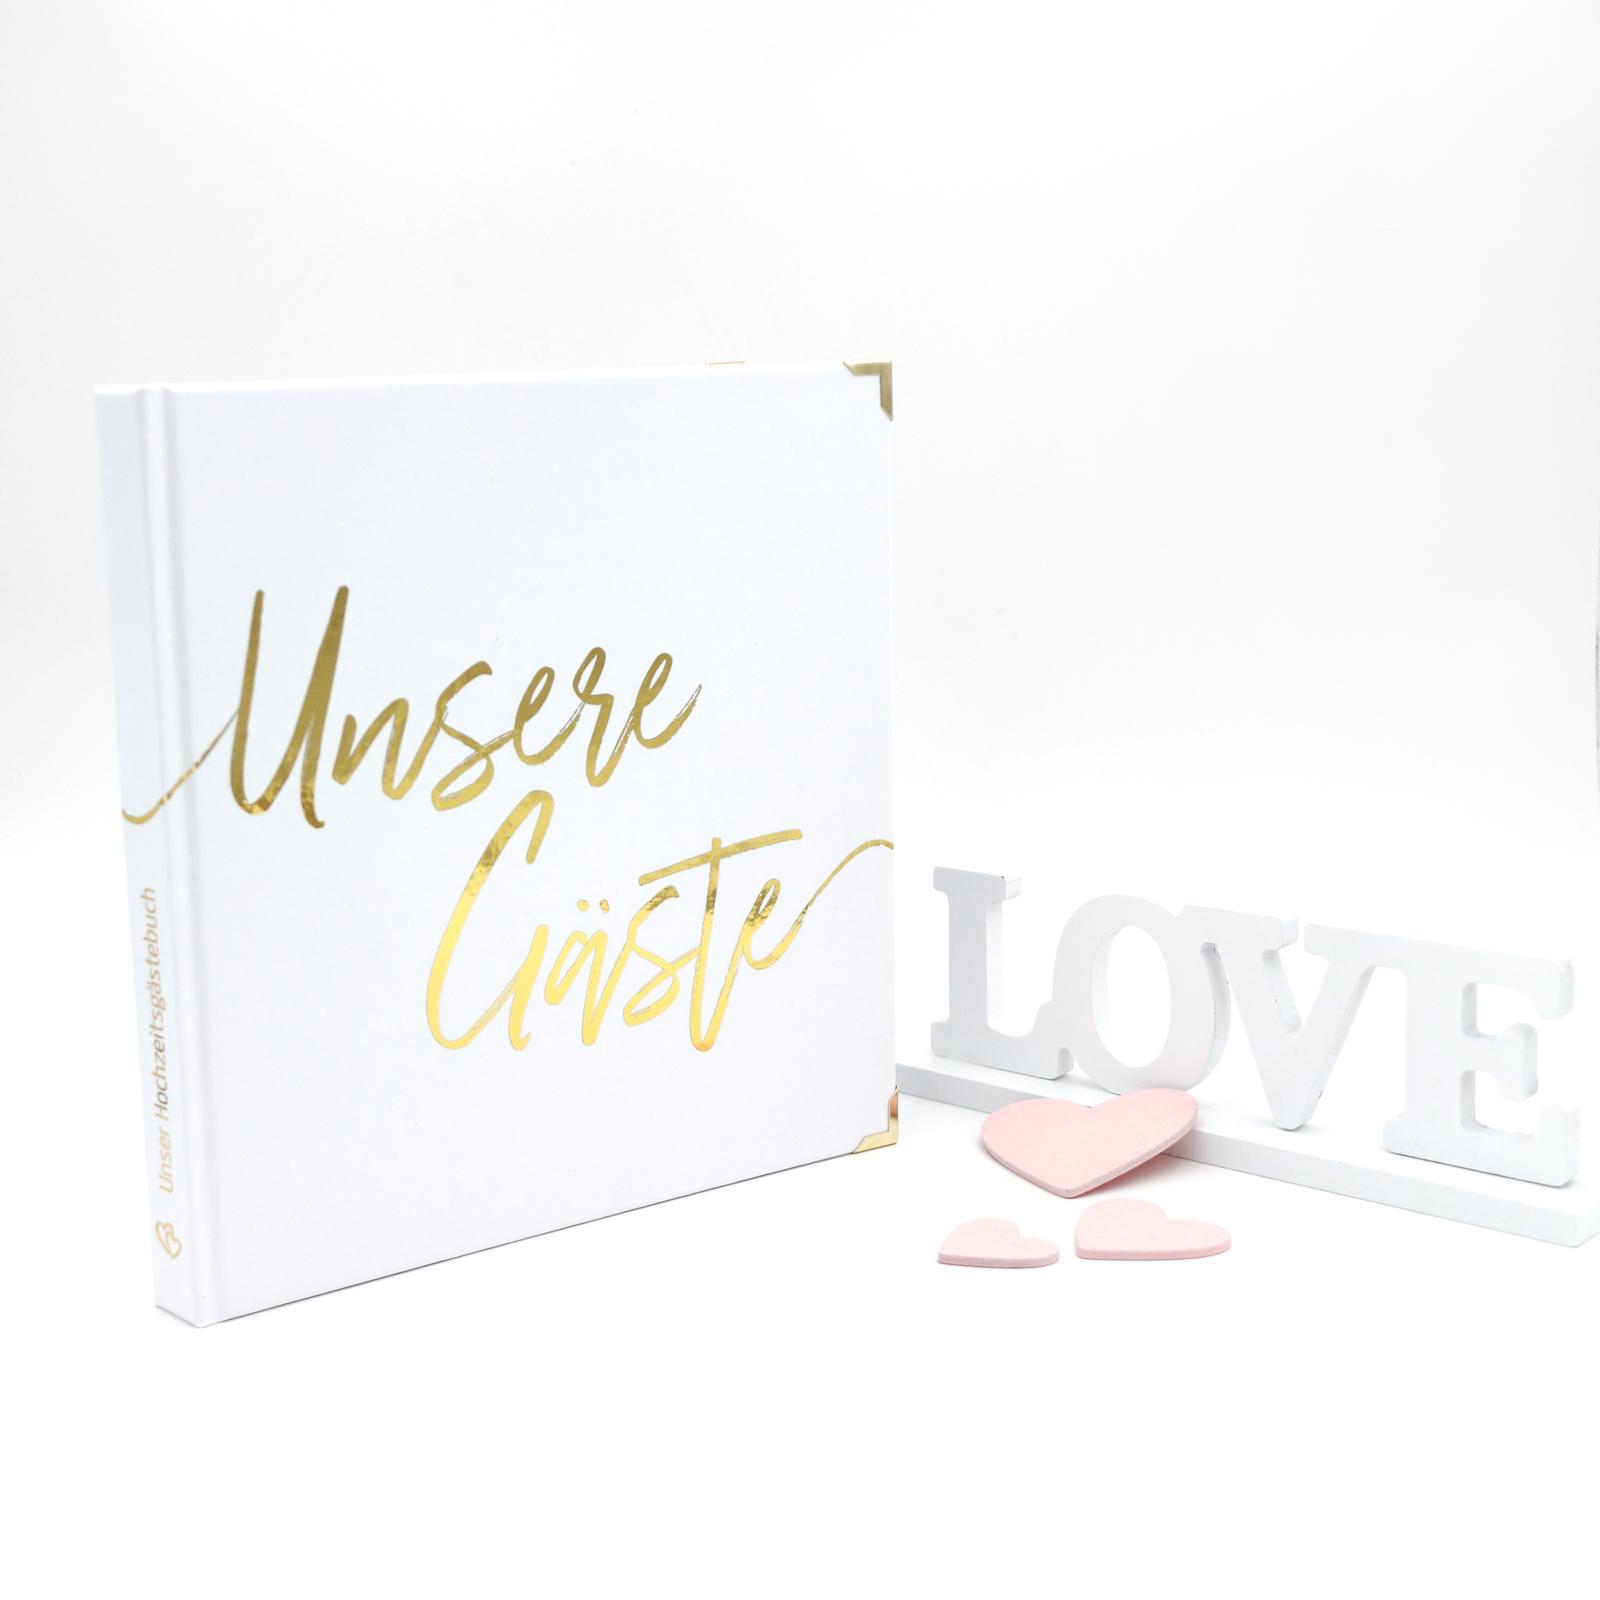 Gästebuch Hochzeit mit Fragen >Gold XL< - Hardcover + Fadenheftung - Gold Heissfolie - 200 Seiten